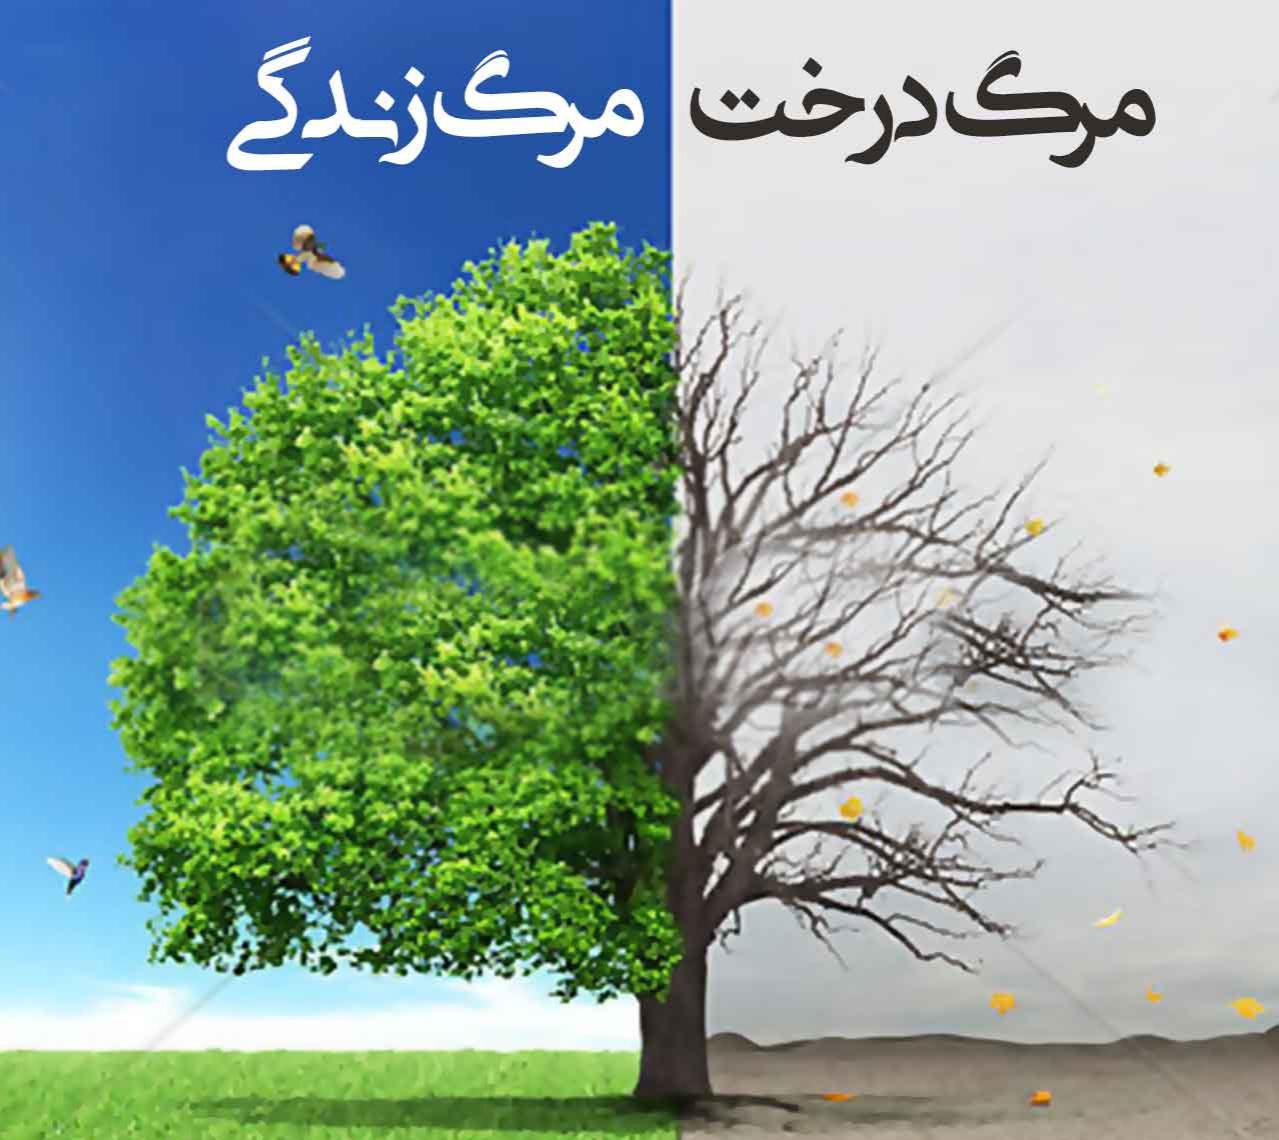 عزم شهرداری نیشابور بر رسیدگی و نجات درختان شهر